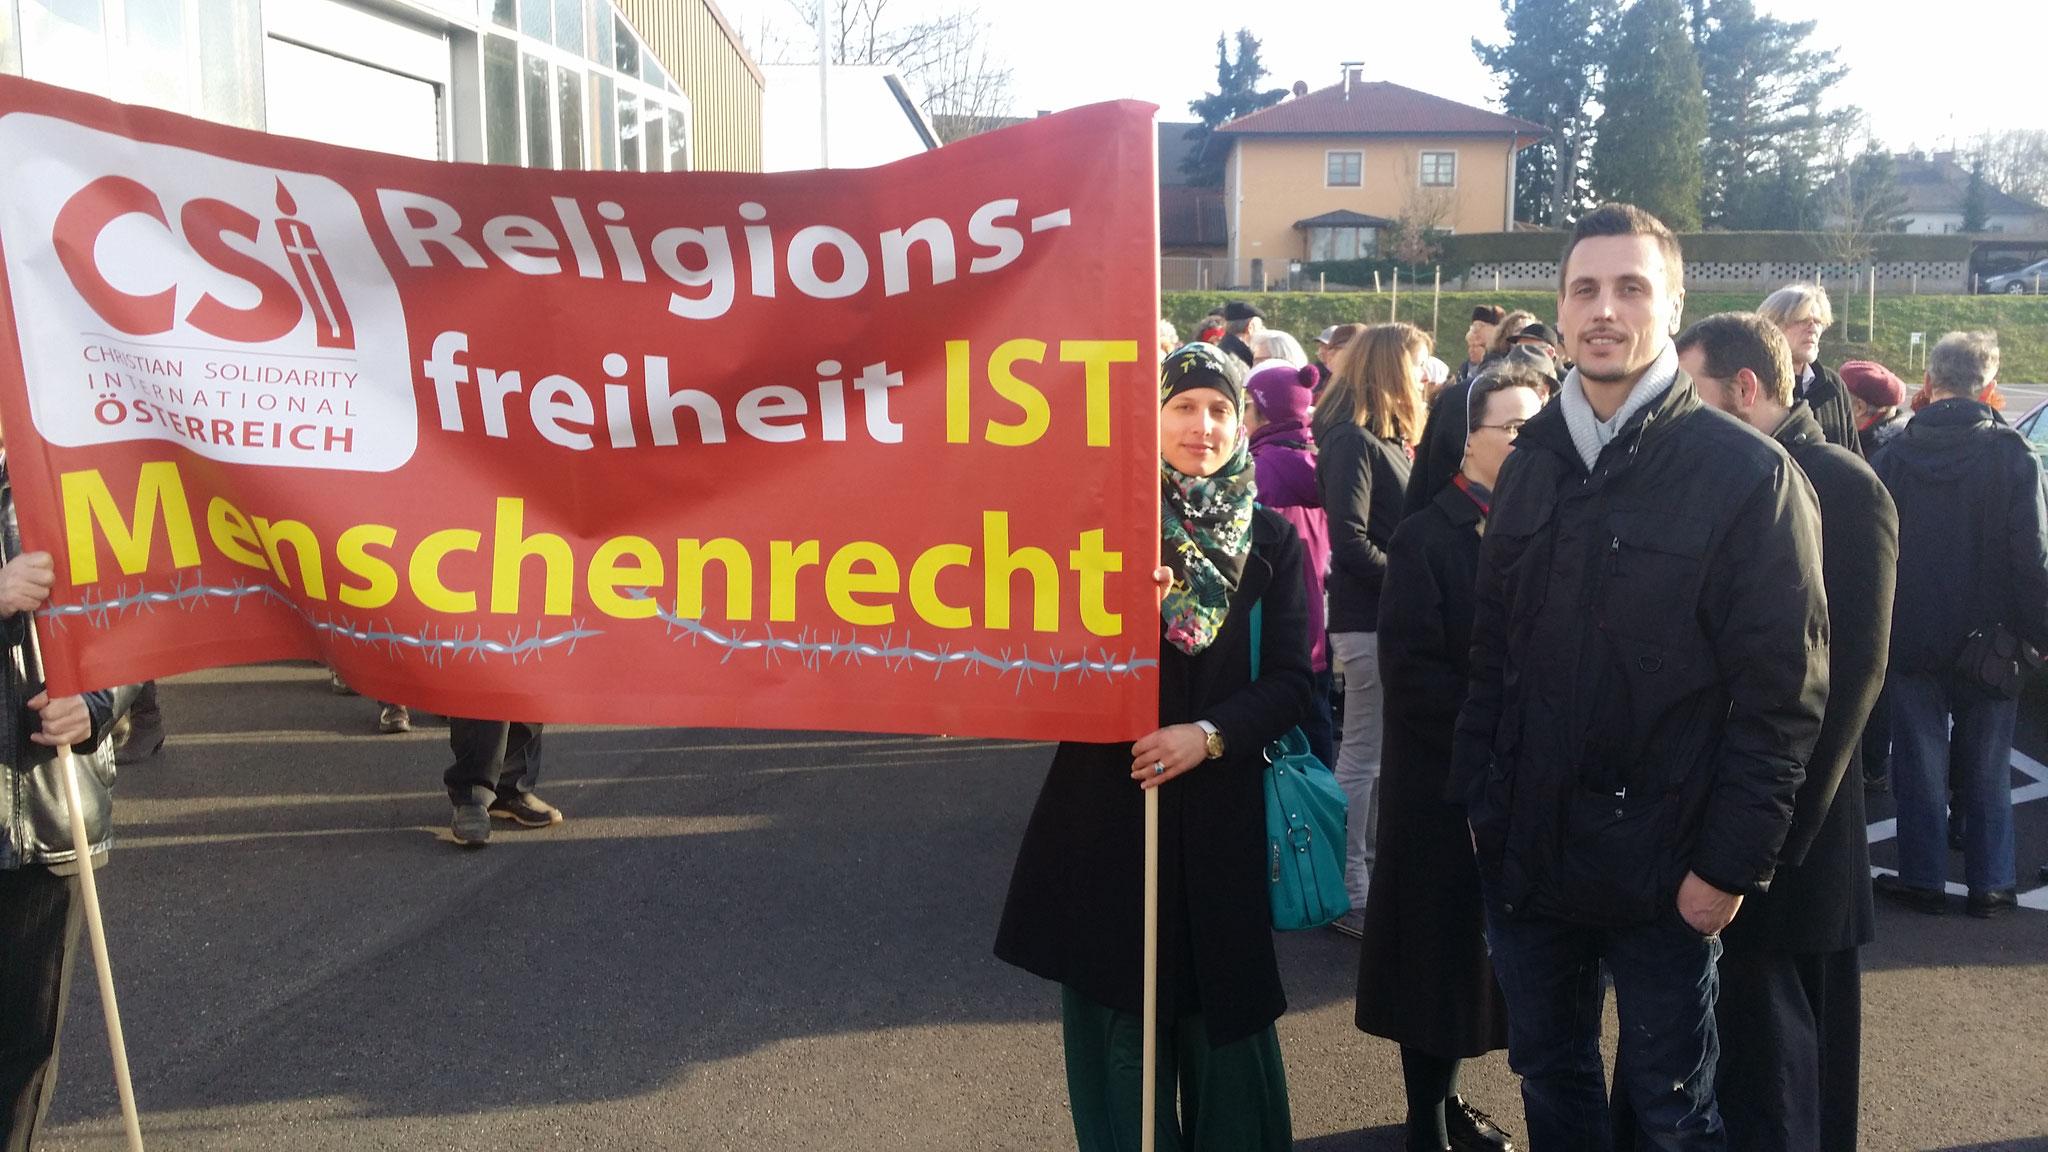 Religionsfreiheit ist Menschenrecht: re. Abdelrahman Jasmina (Sprecherin IFZ), li. Krasniqi Urim (Obmann IFZ)